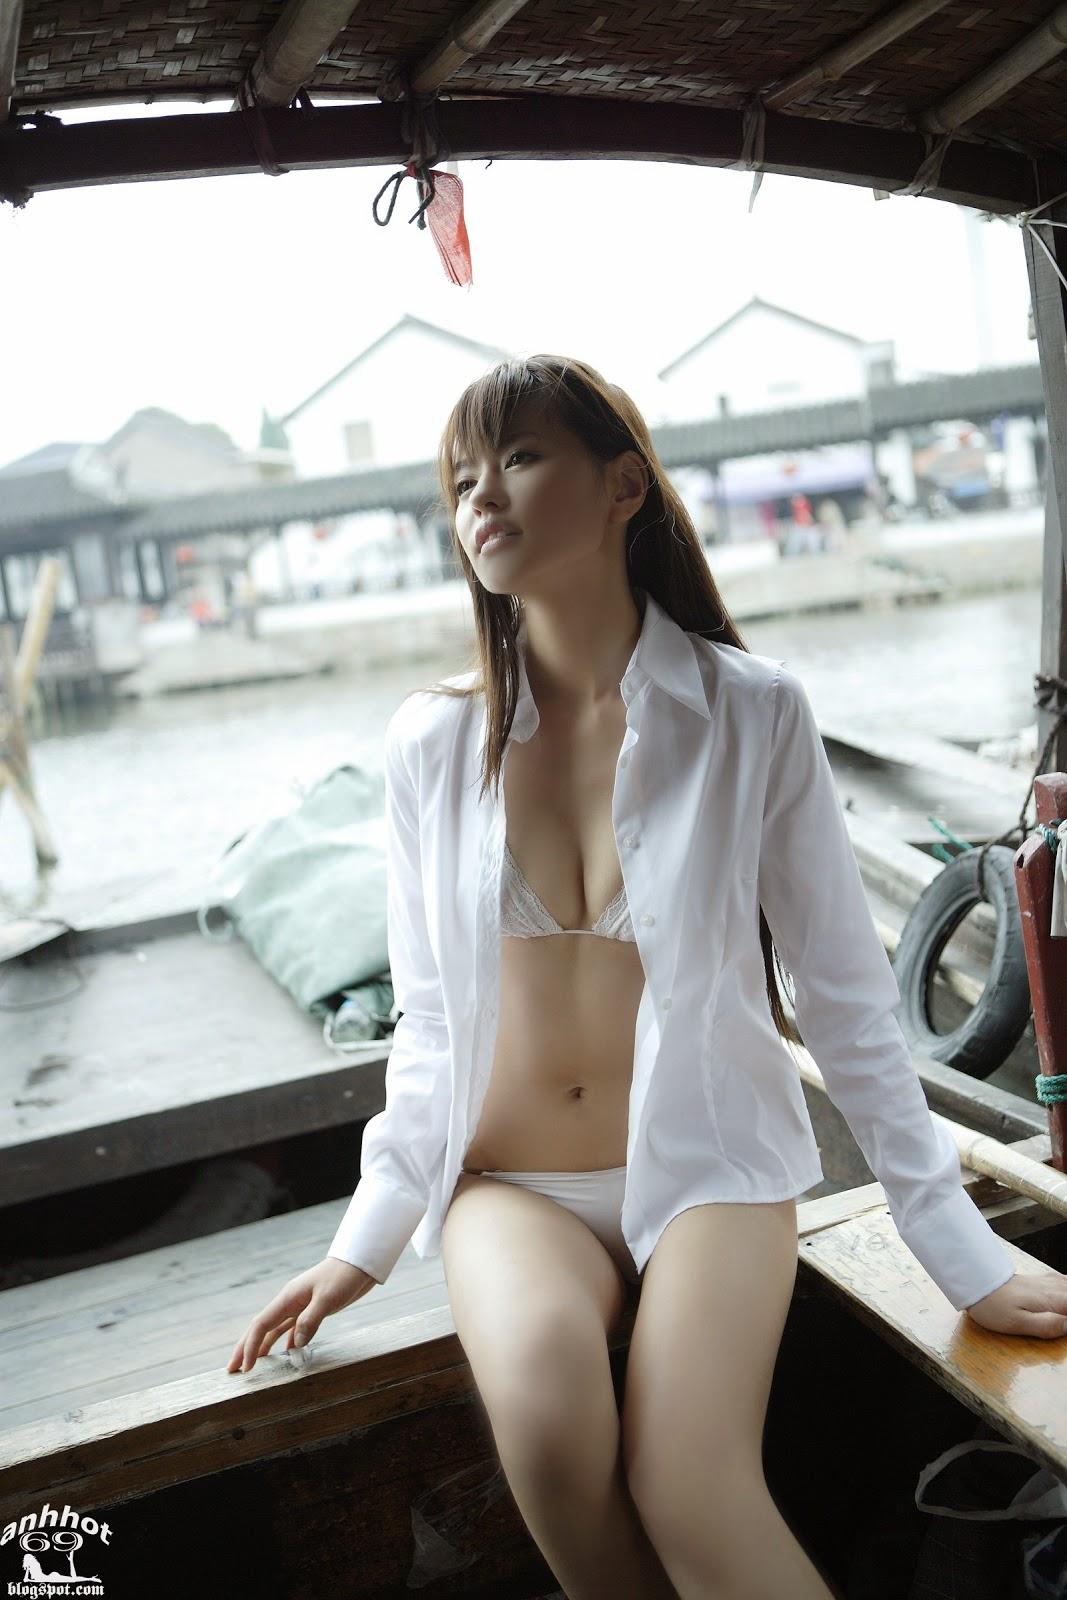 yuriko-shiratori-00499787